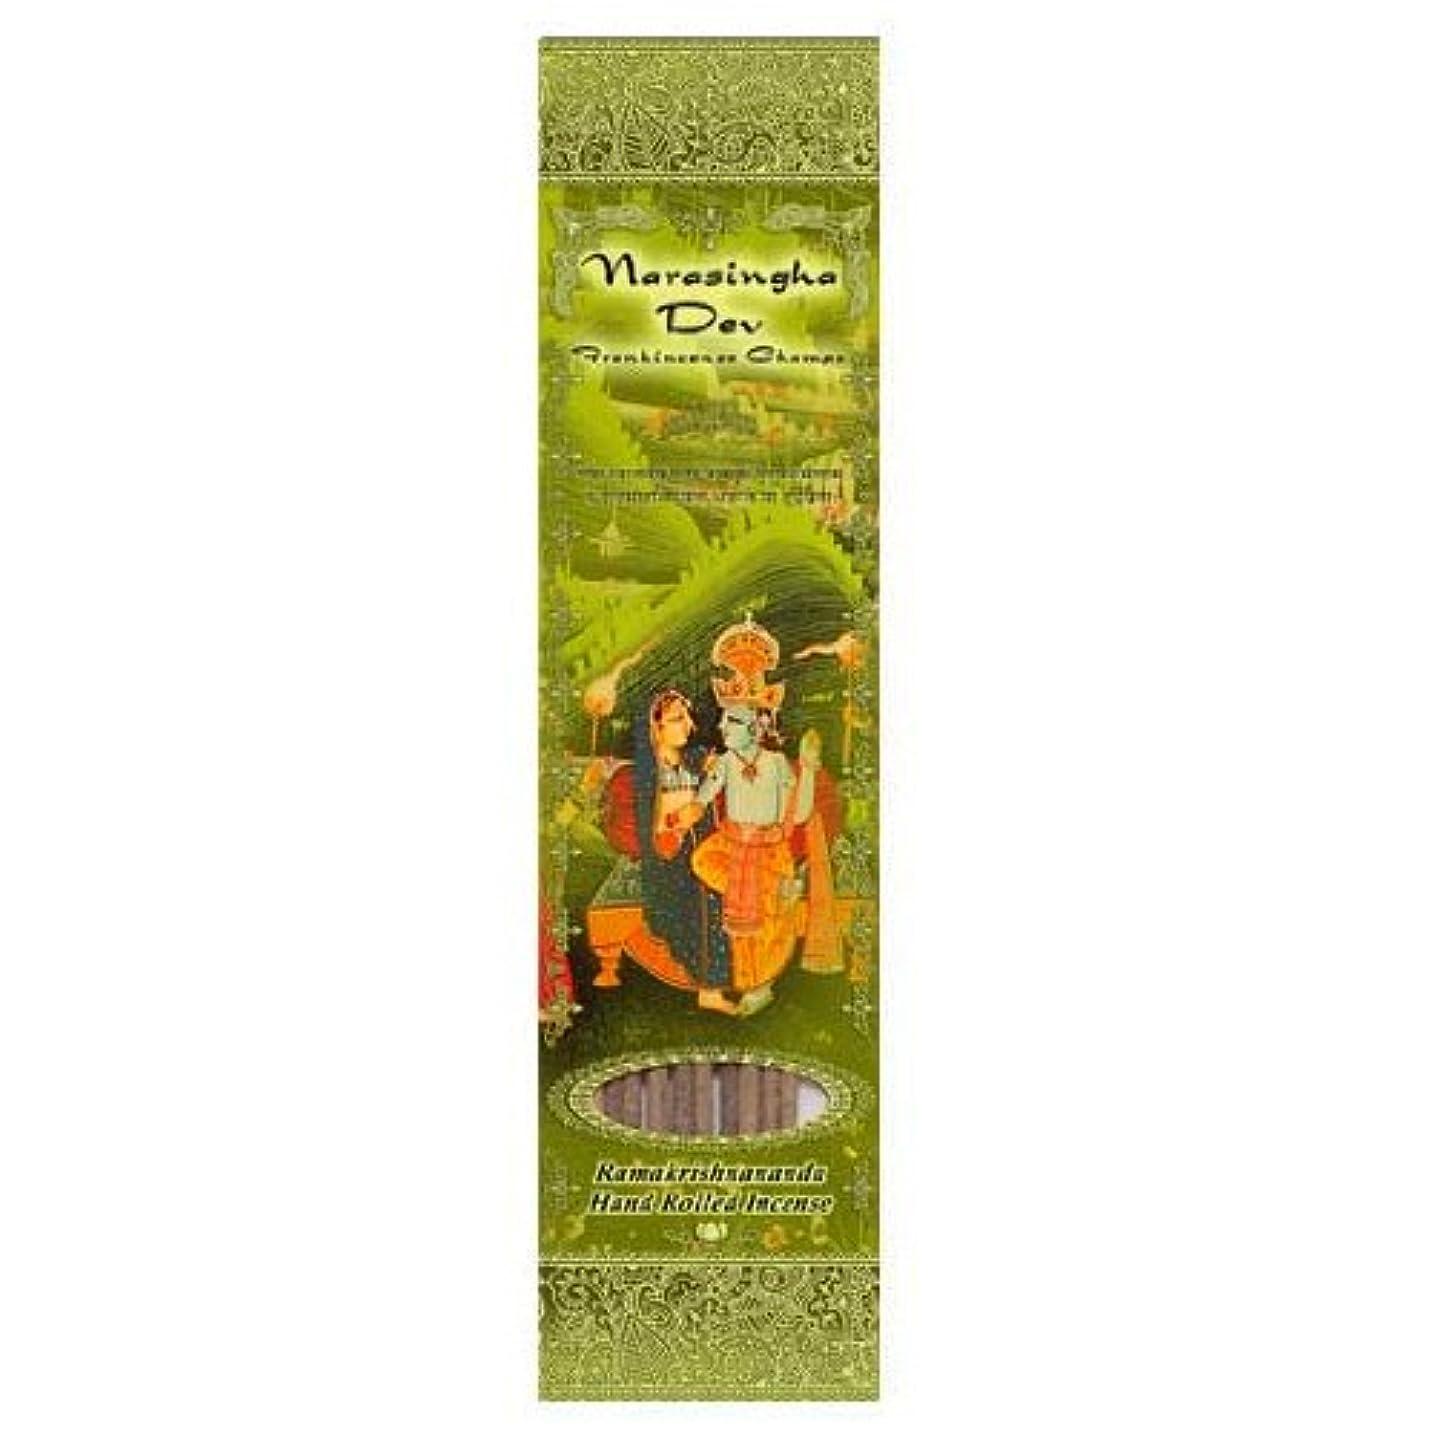 センチメートル試みカナダIncense Sticks Narasingha Dev – Frankincense Champa